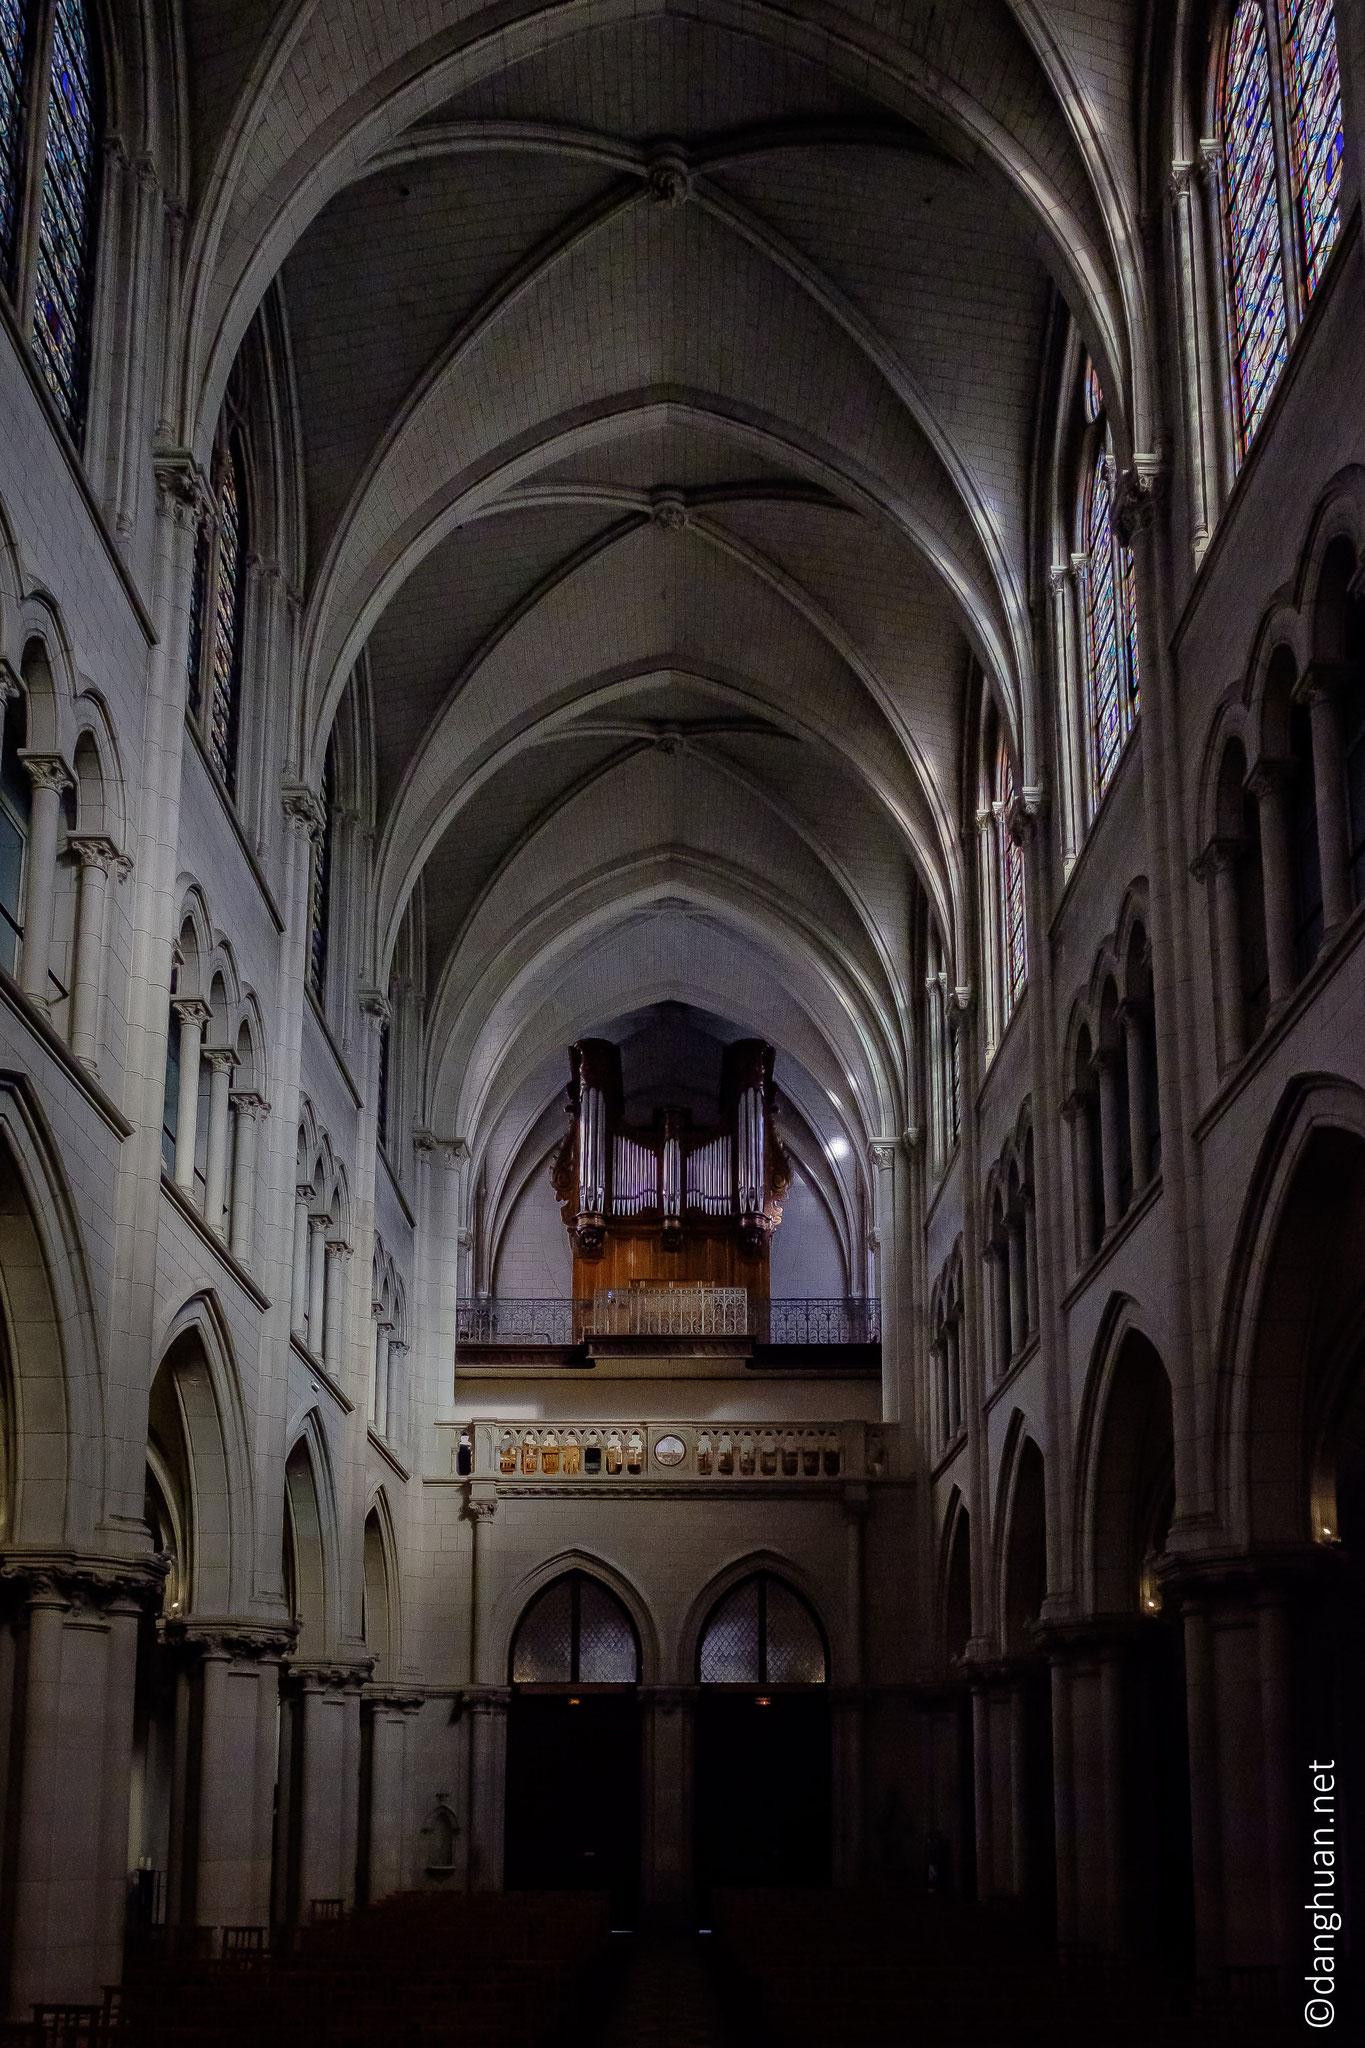 Eglise St André de l'Europe - l'orgue bénéficie d'un éclairage latéral naturel